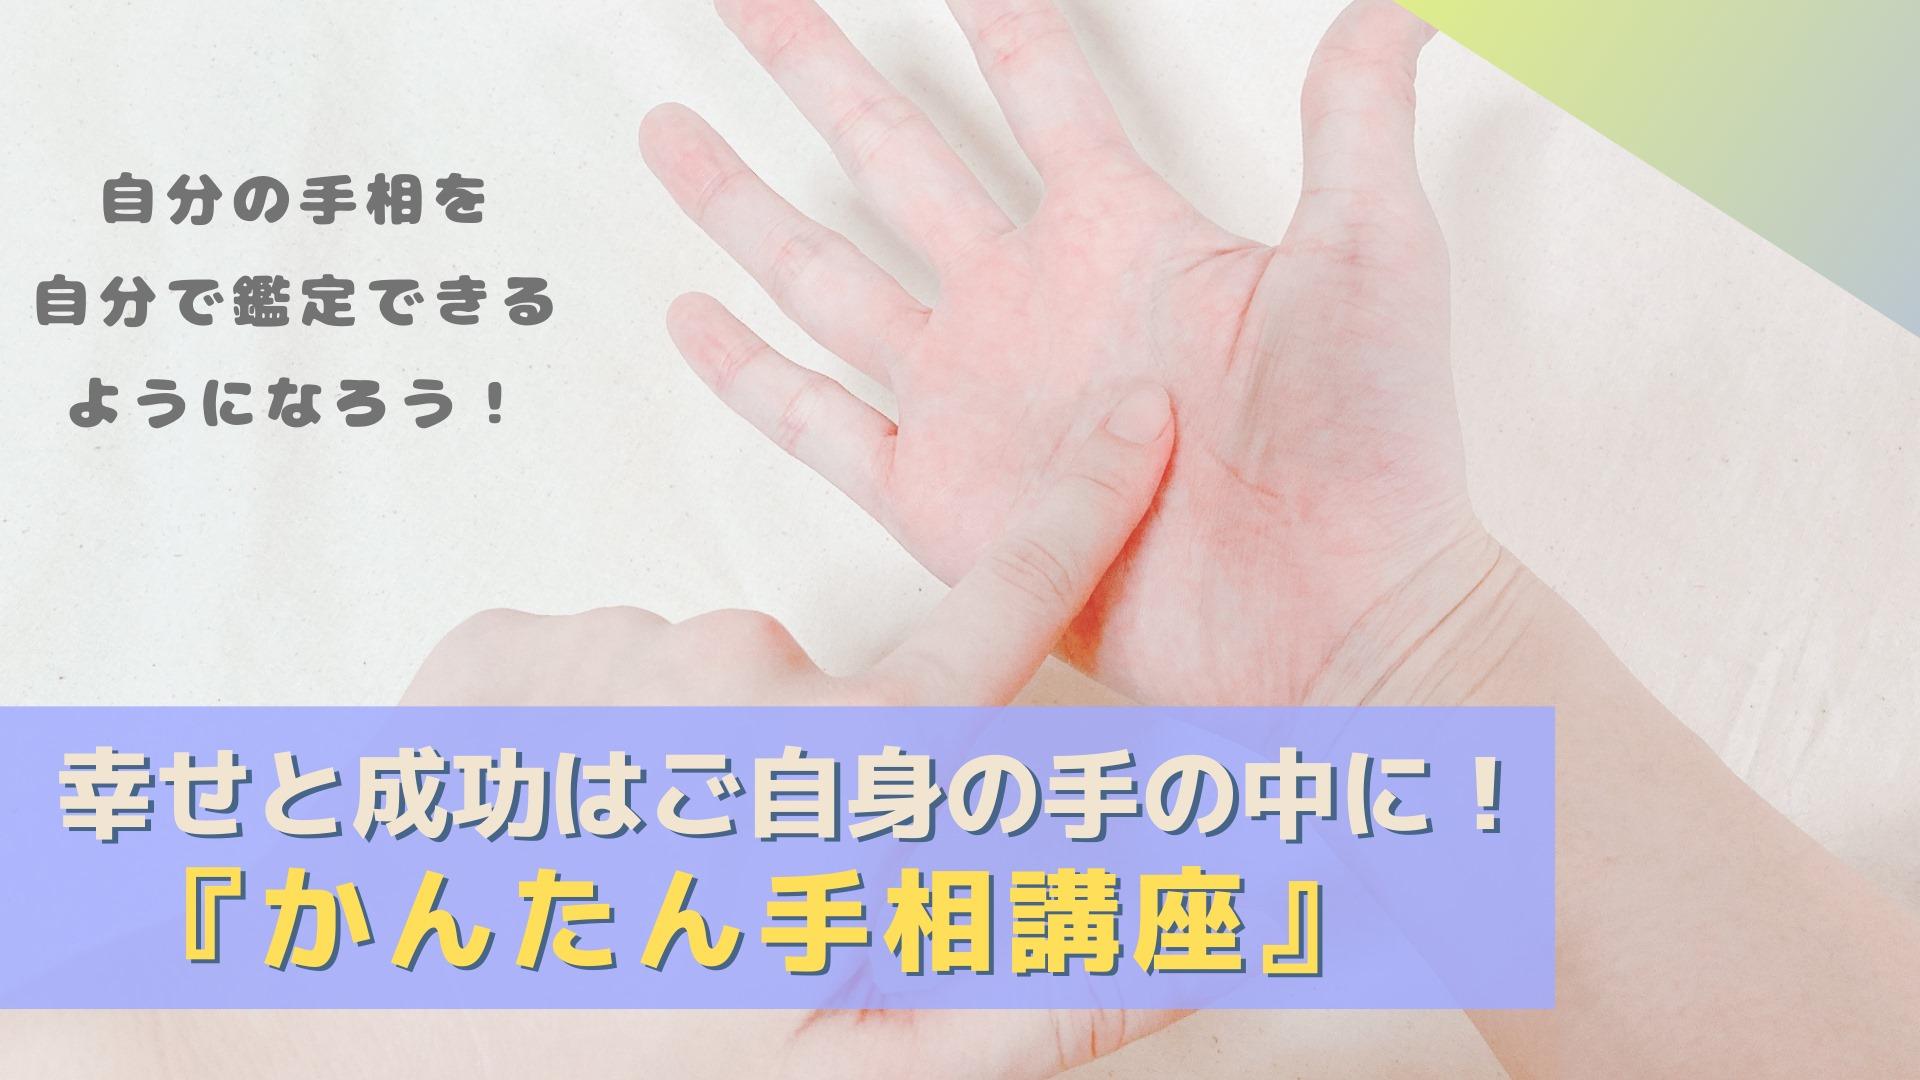 8/25 幸せと成功はご自身の手の中に! かんたん手相講座